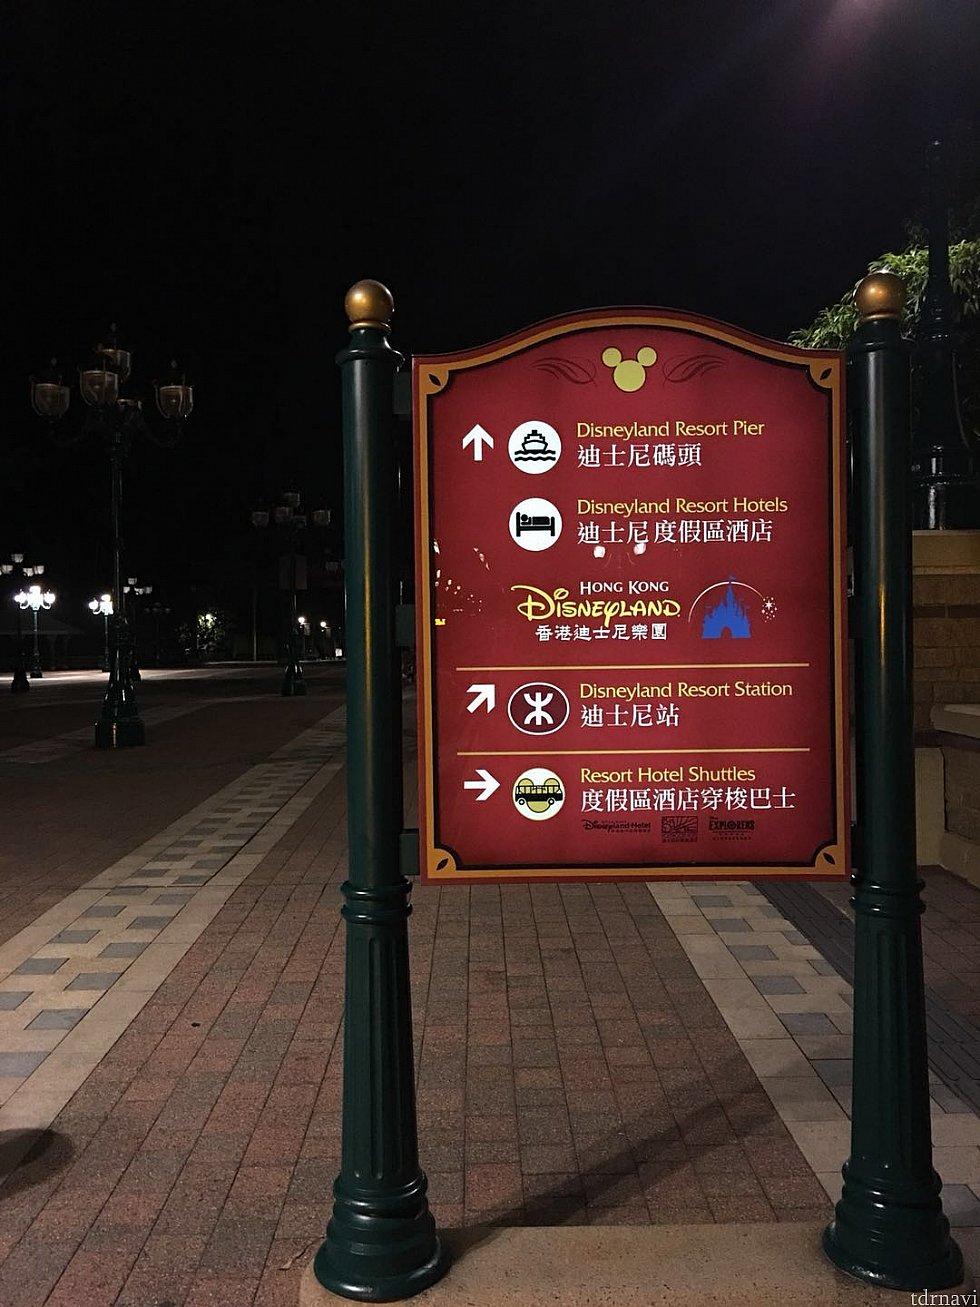 ターミナルからディズニー駅は徒歩でわずかの距離です。